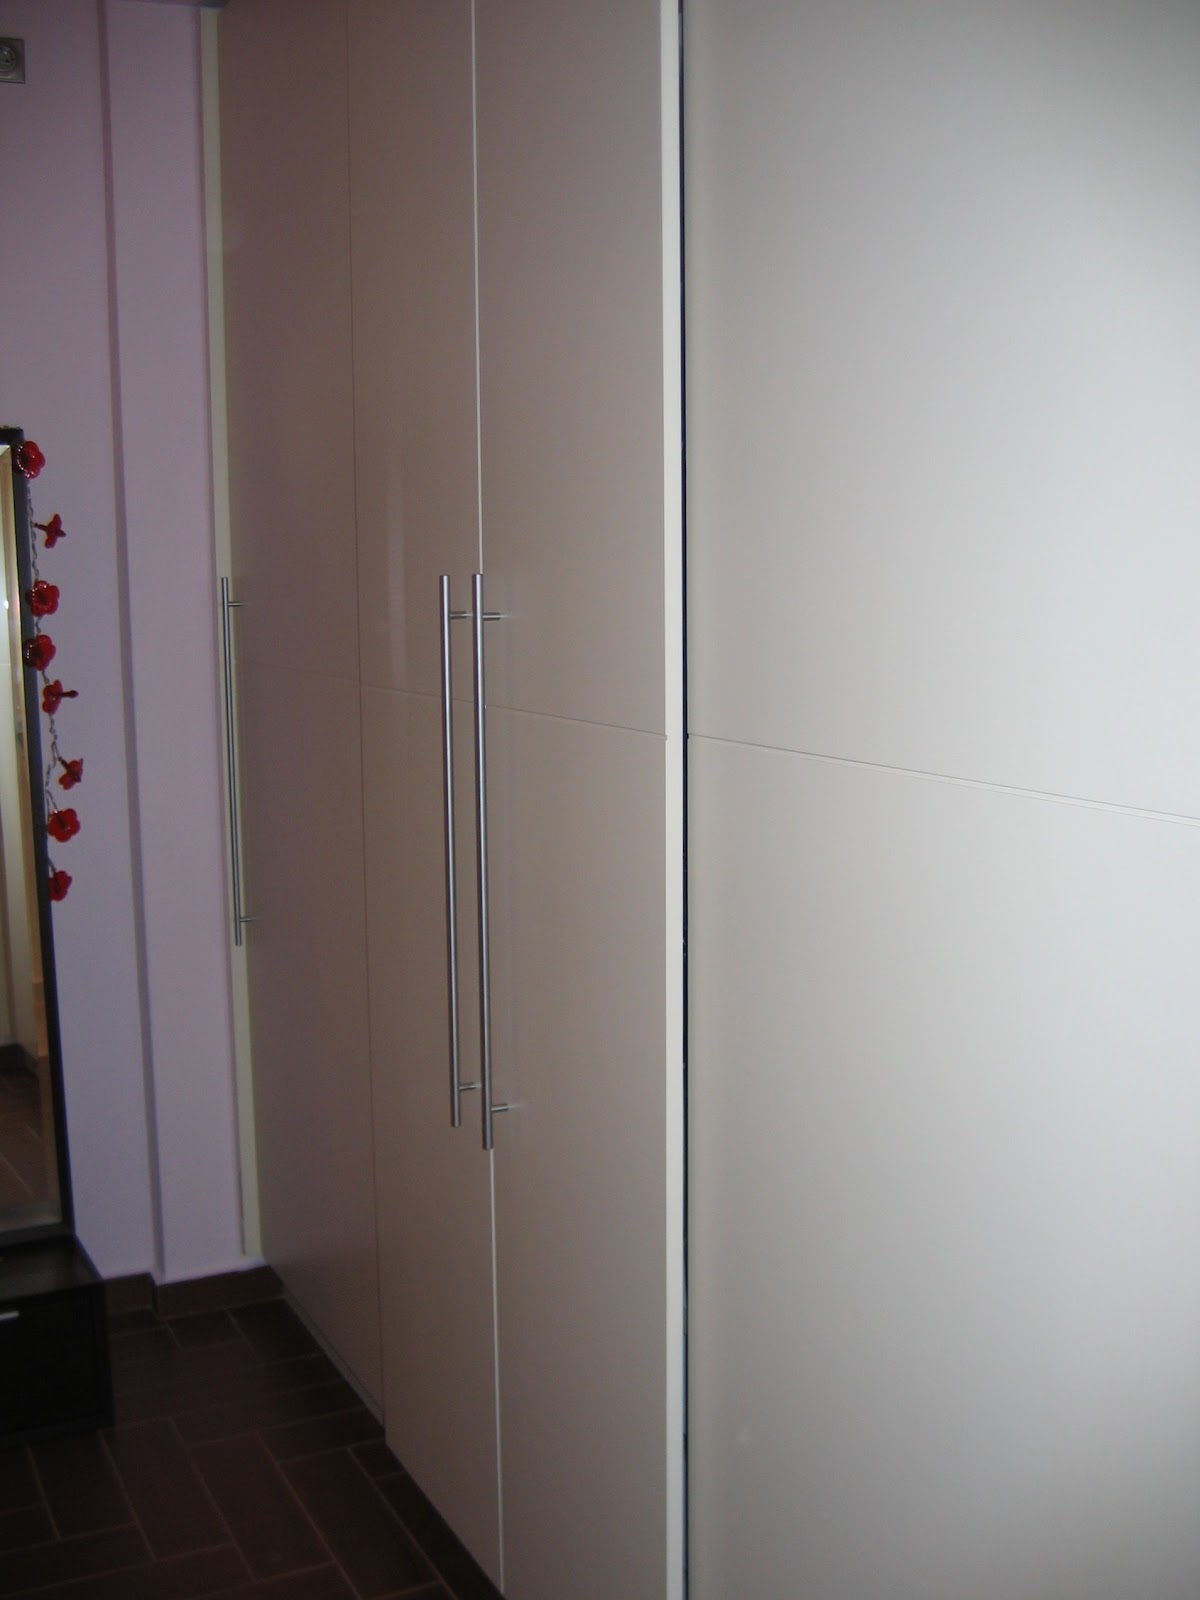 (Κωδ 4003) Λακαριστή ντουλάπα με συρόμενες πόρτες για χώρους με δύσκολη πρόσβαση.